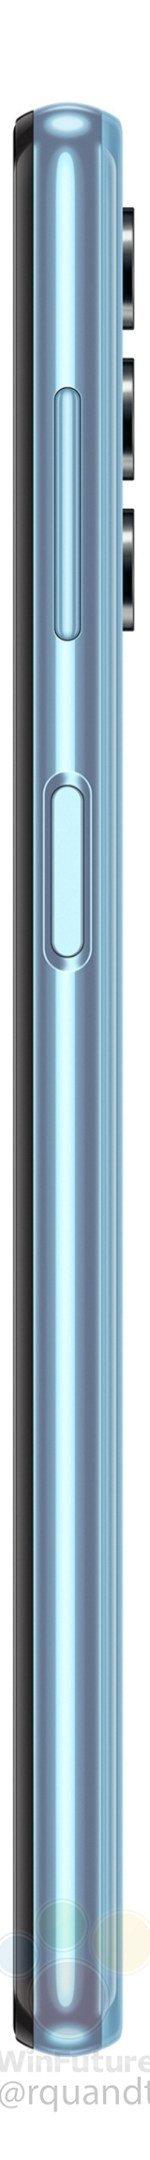 Filtrado Samsung Galaxy A32 5G: primeras impresiones